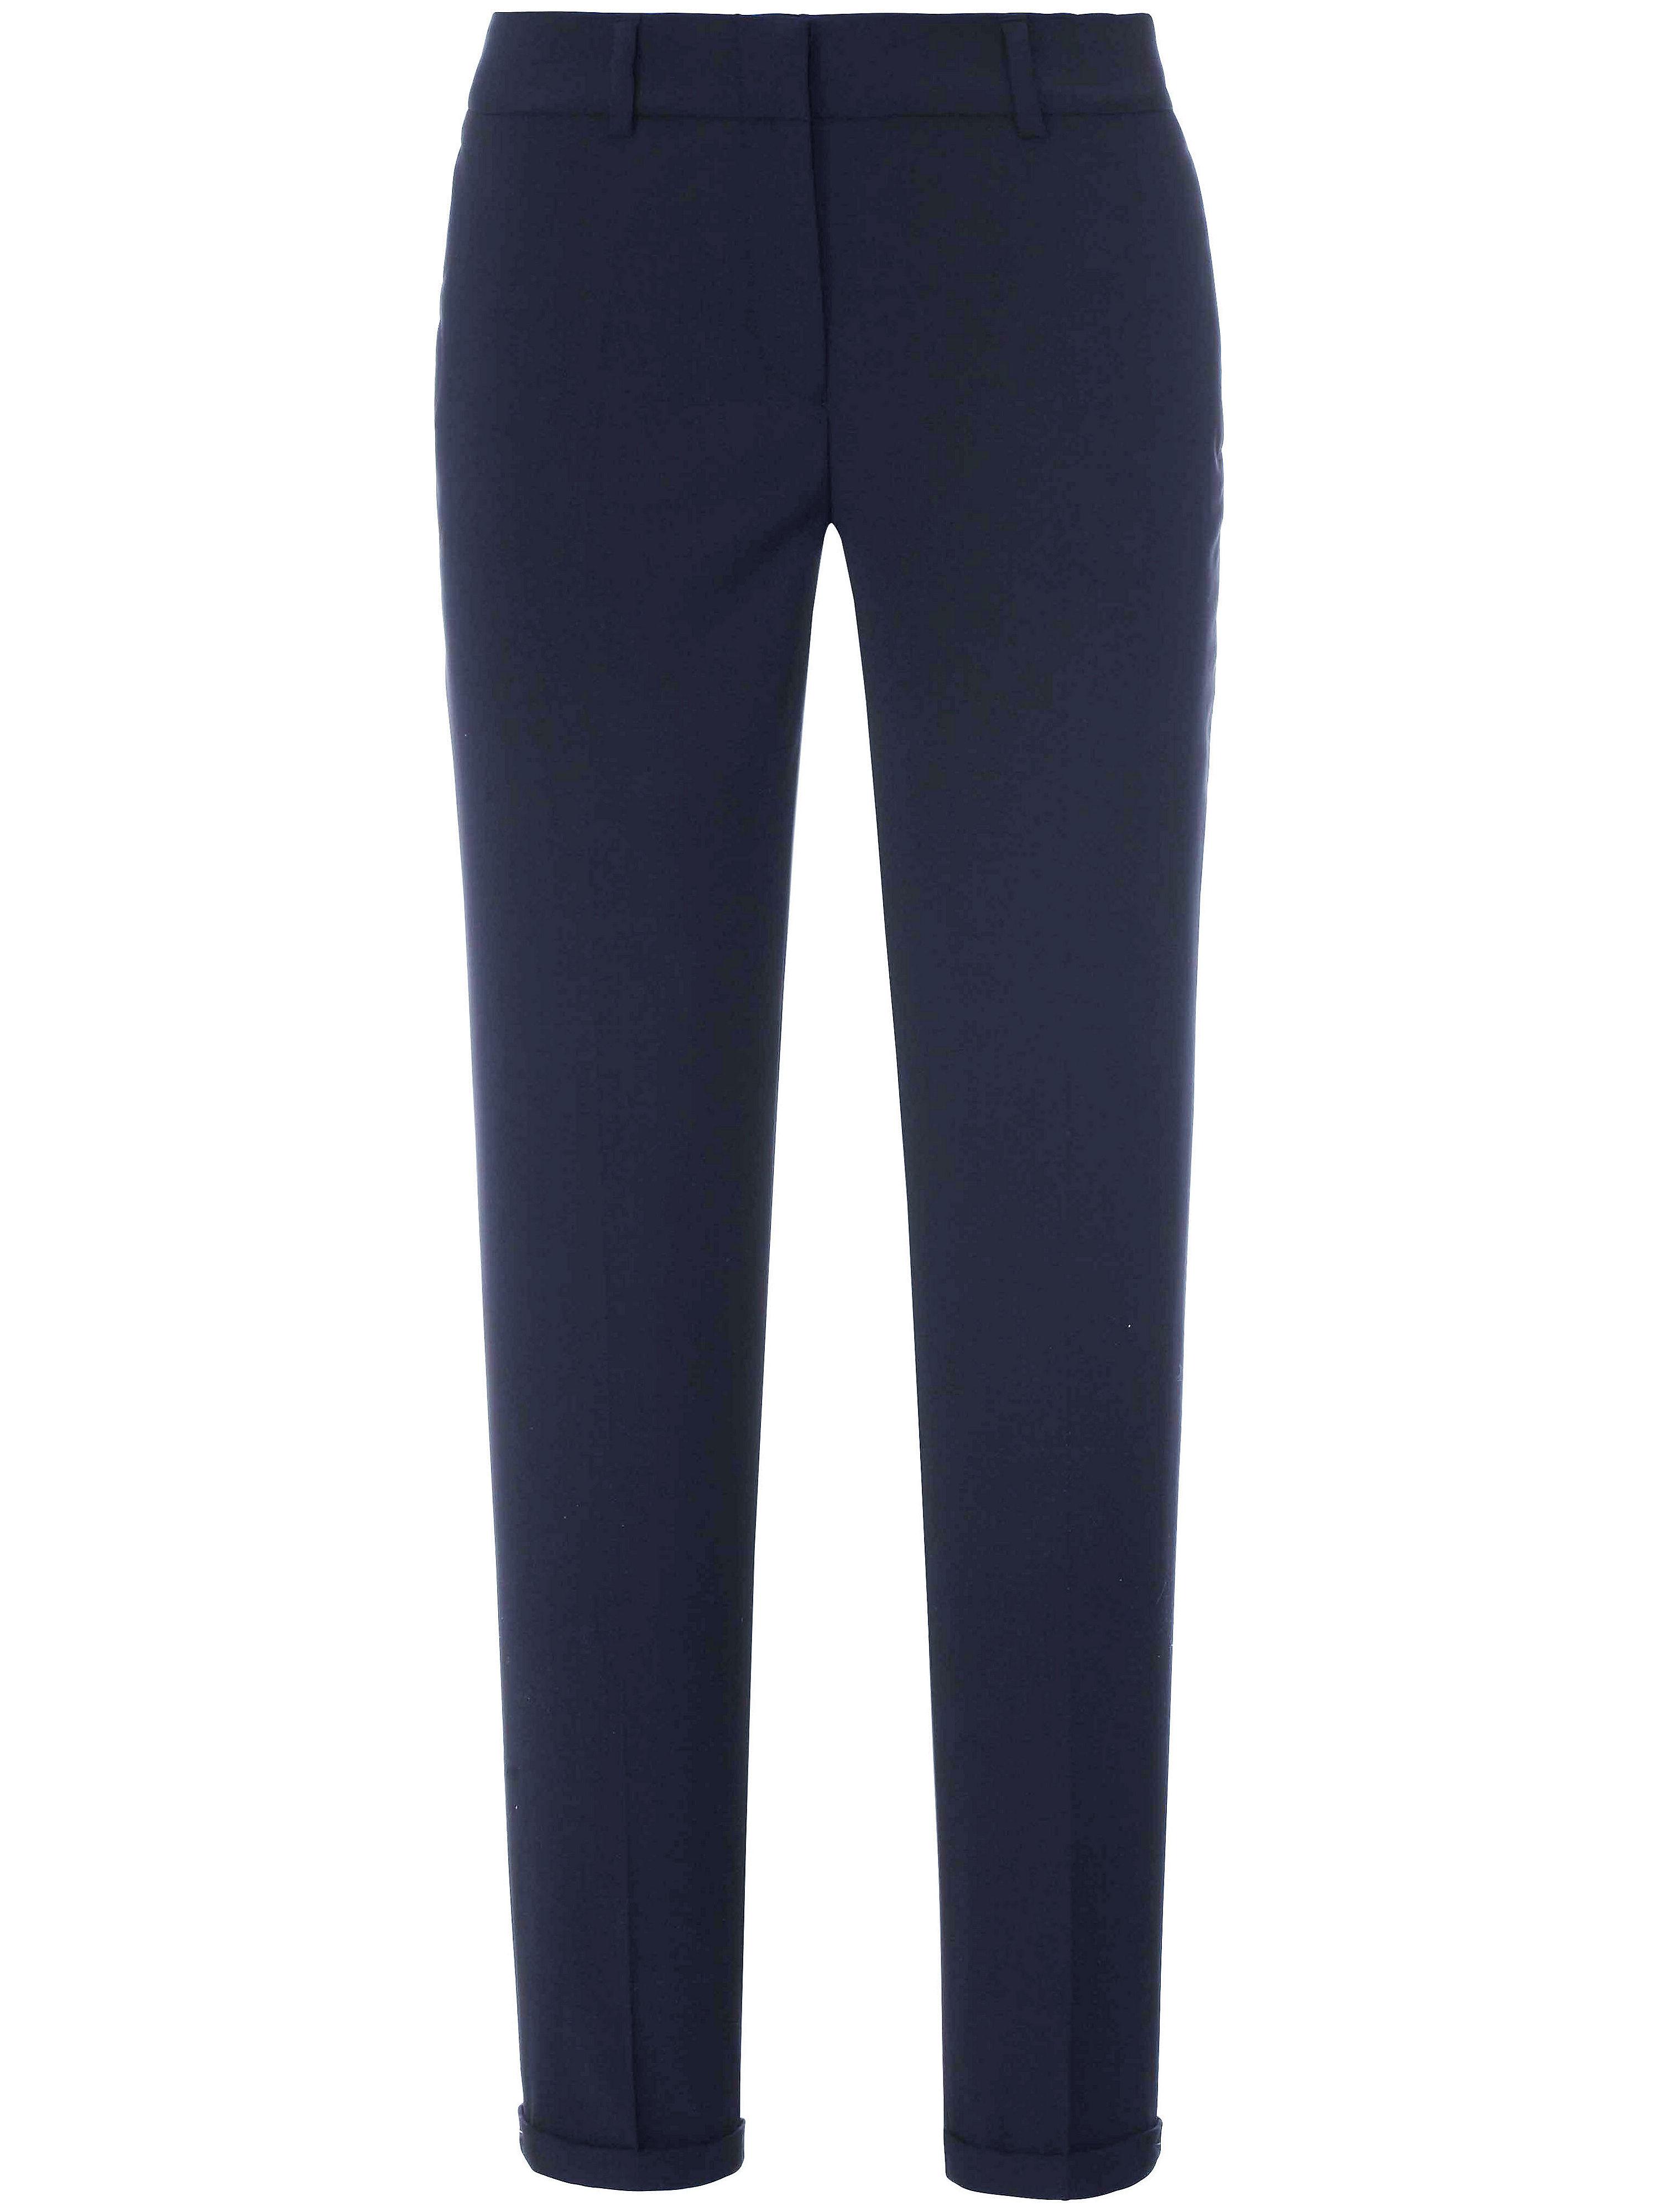 Le pantalon  St. Emile bleu